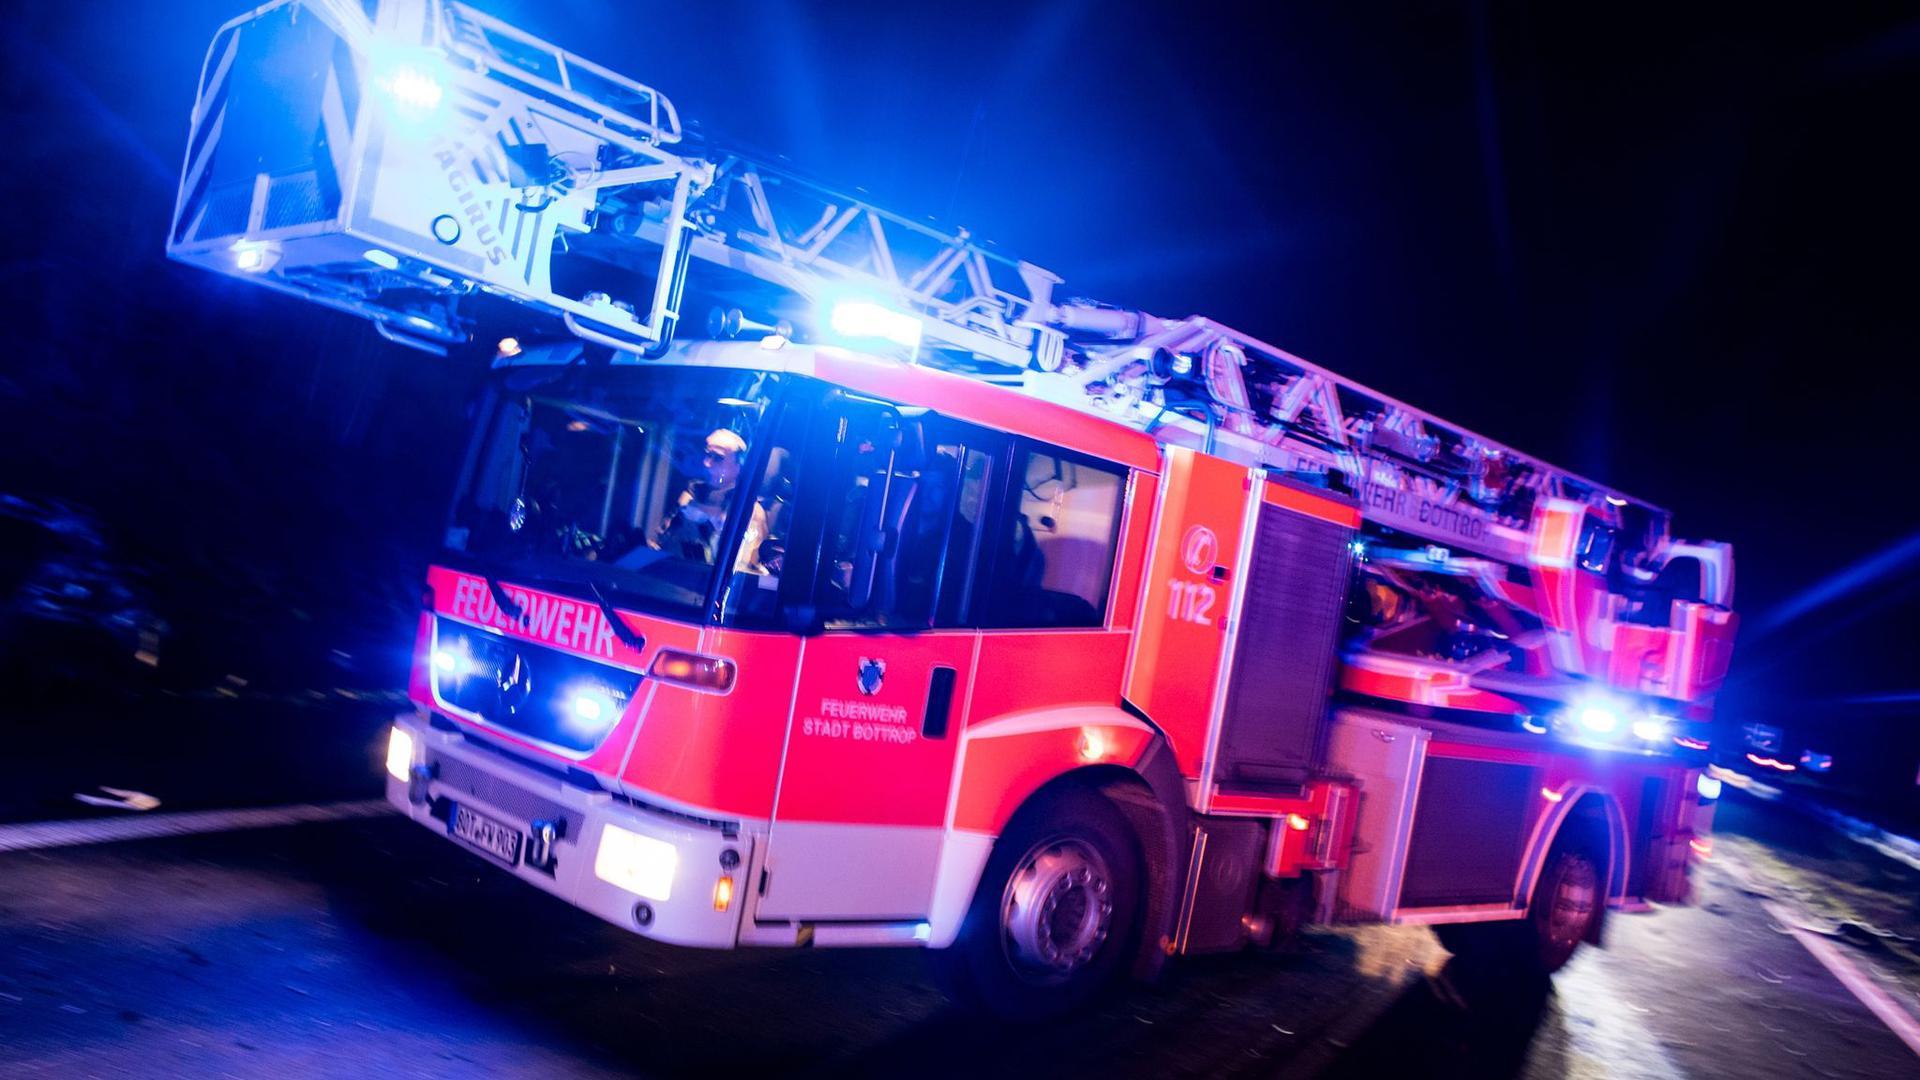 Ein Drehleiterwagen der Feuerwehr mit Blaulicht.